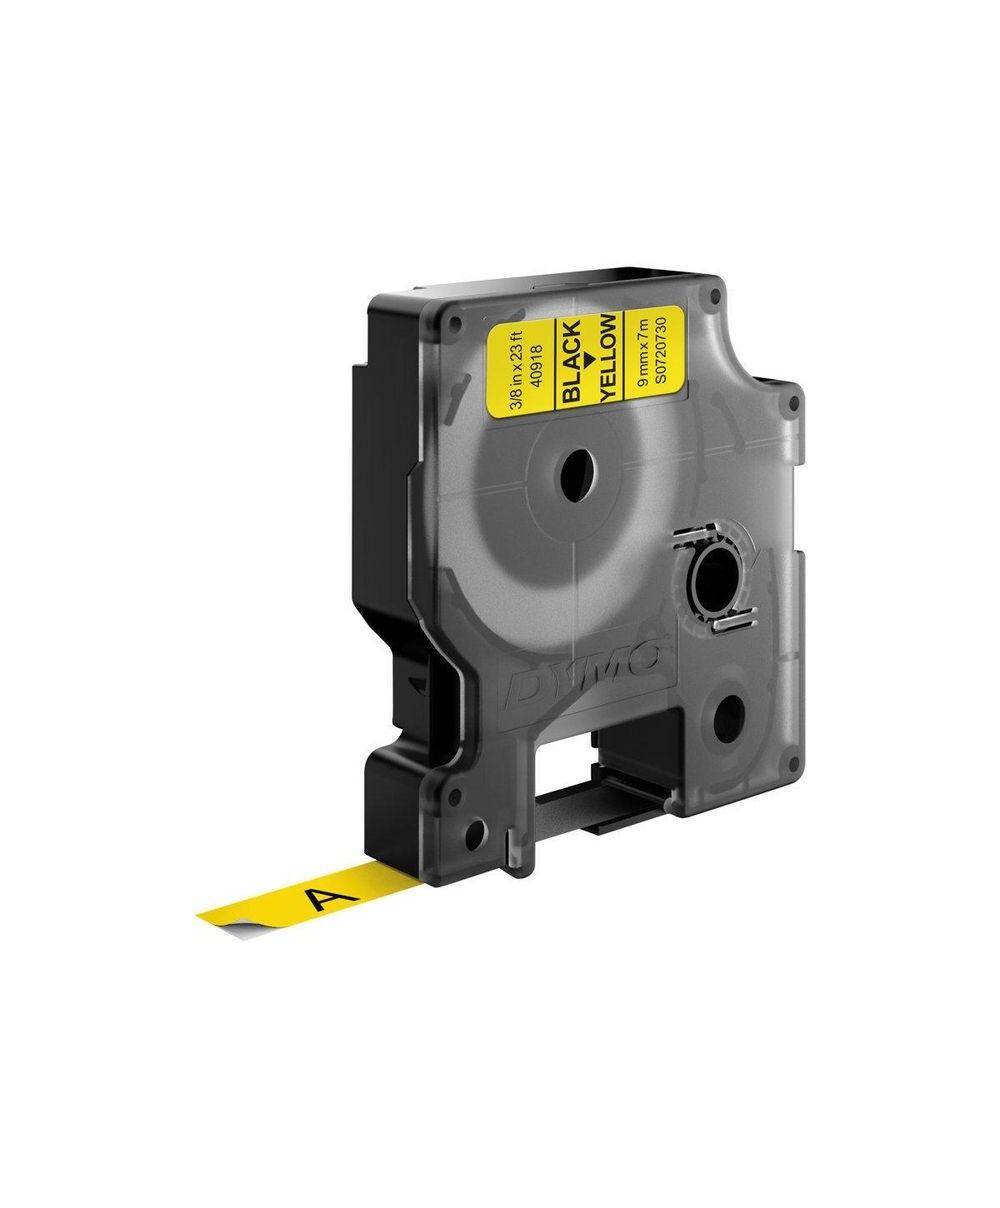 Dymo D1 Ruban   9 mm x 7 m noir sur jaune 40918 Accessoires Étiqueteuse